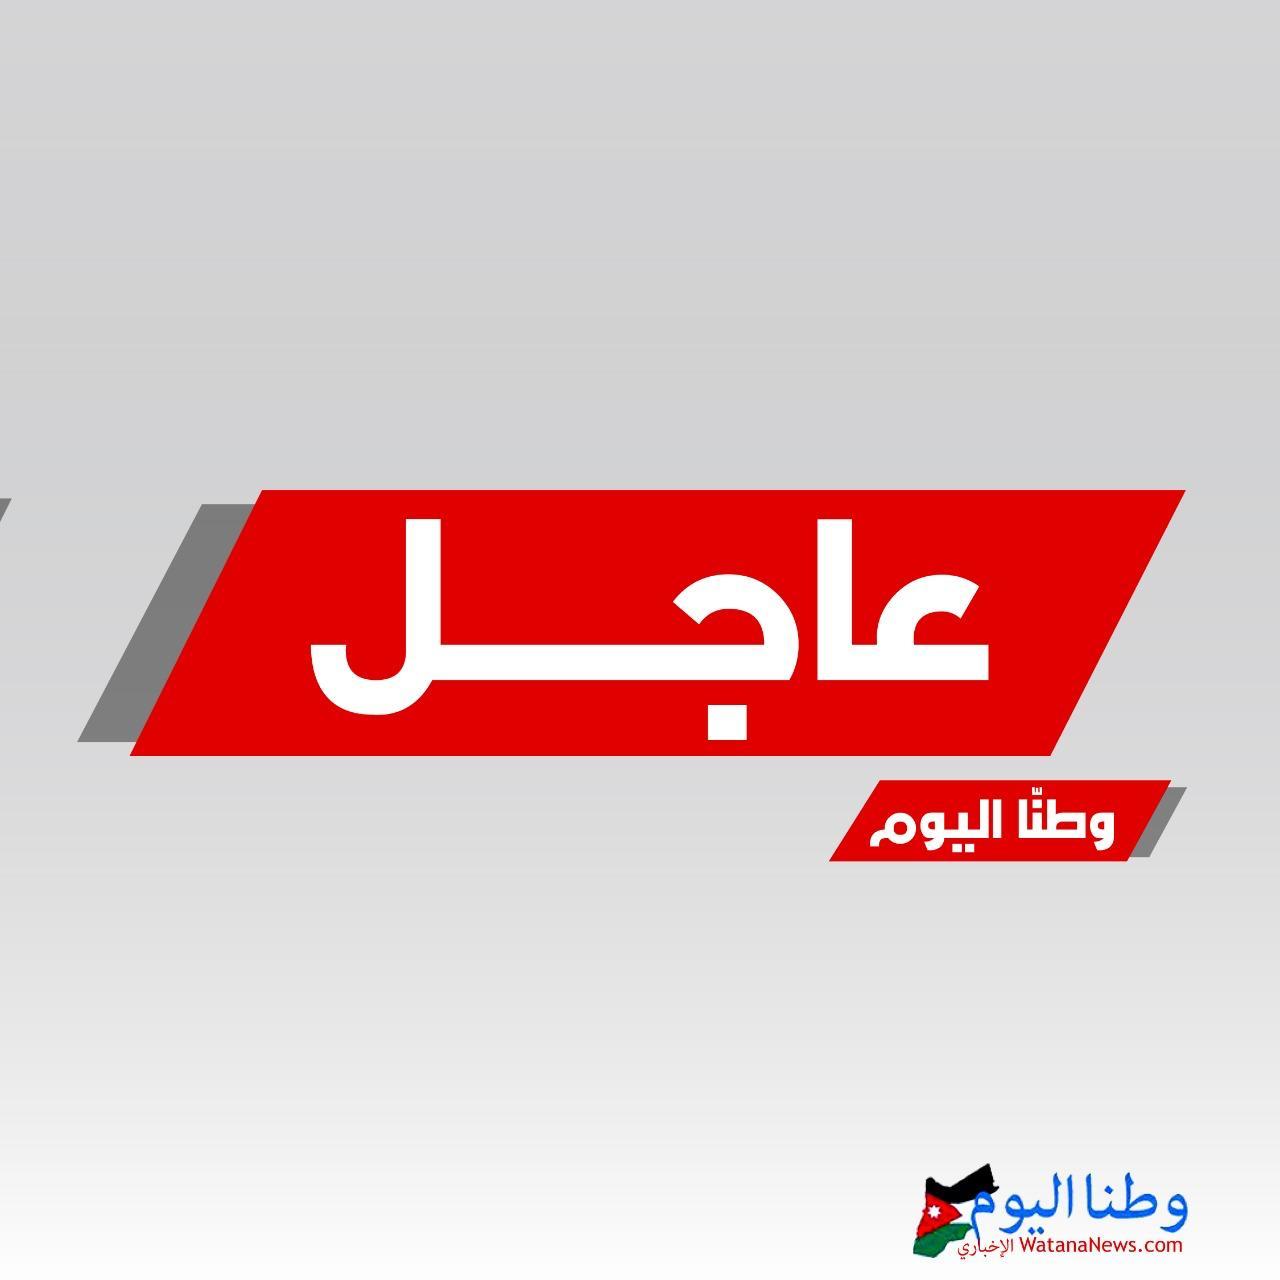 عاجل: أنباء عن وفاة دركي وإصابة (6) آخرين بحادث تدهور بلواء الكورة في اربد